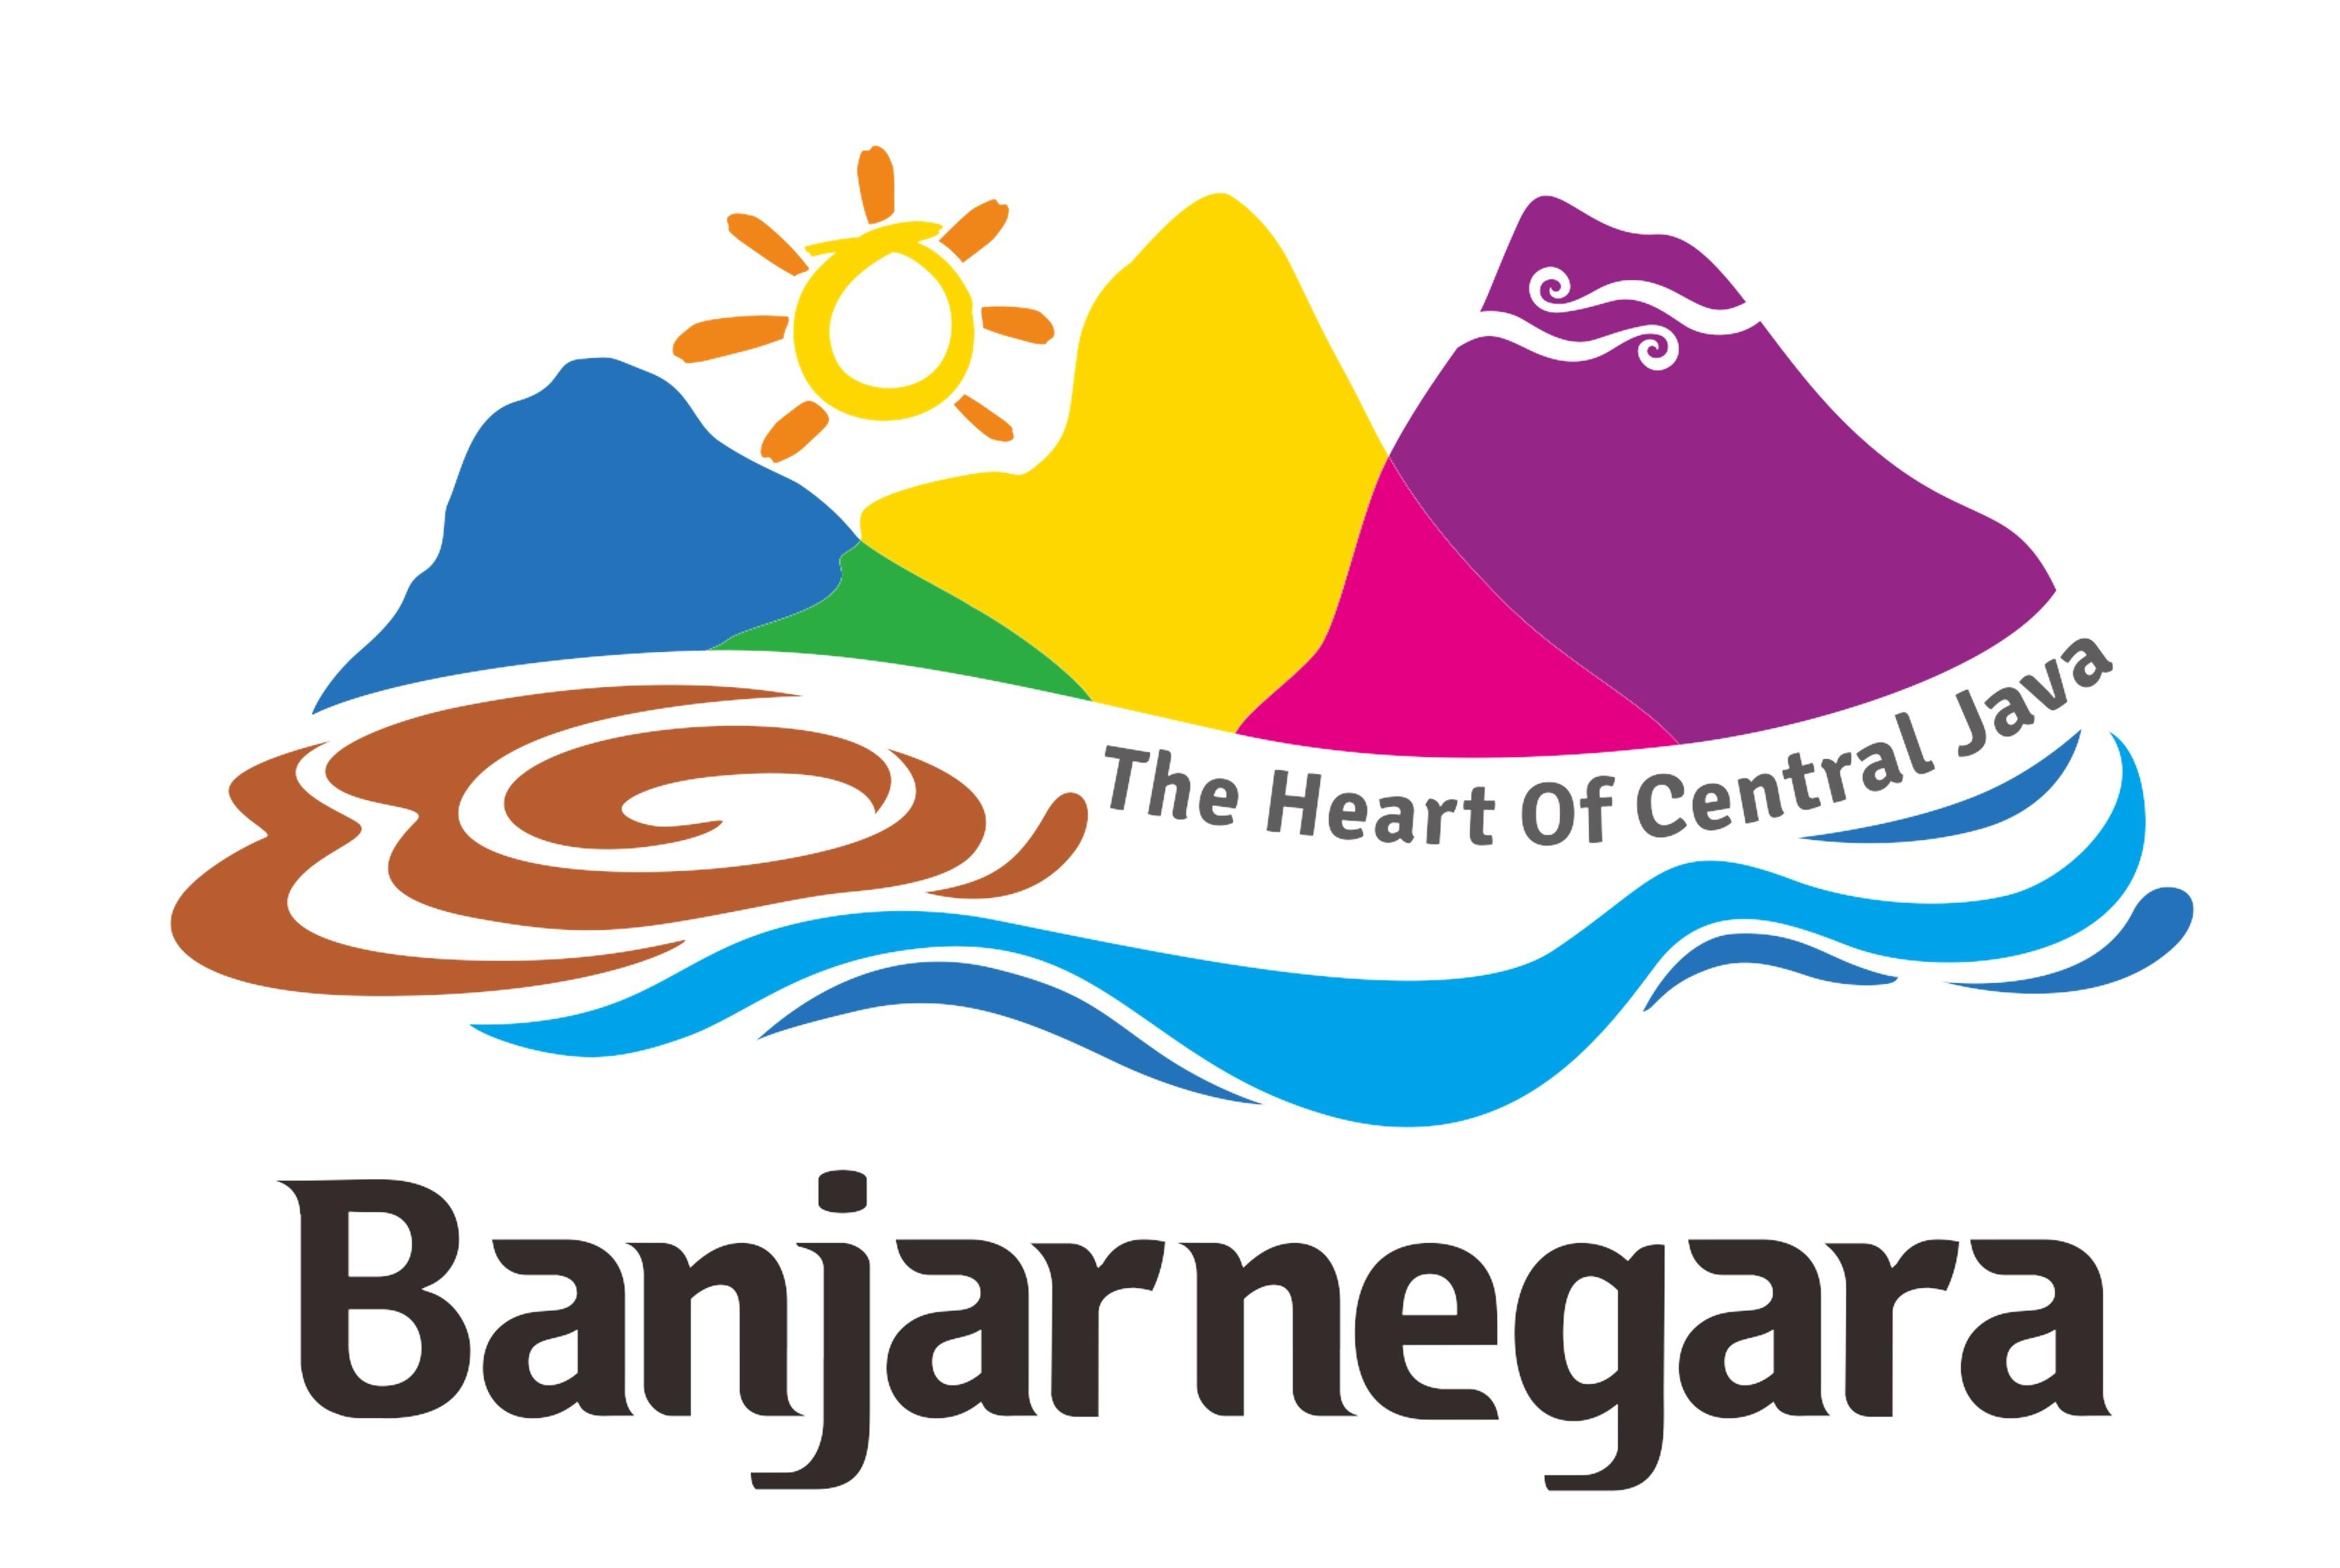 tourism-branding-pariwisata-banjarnegara-jpg-1